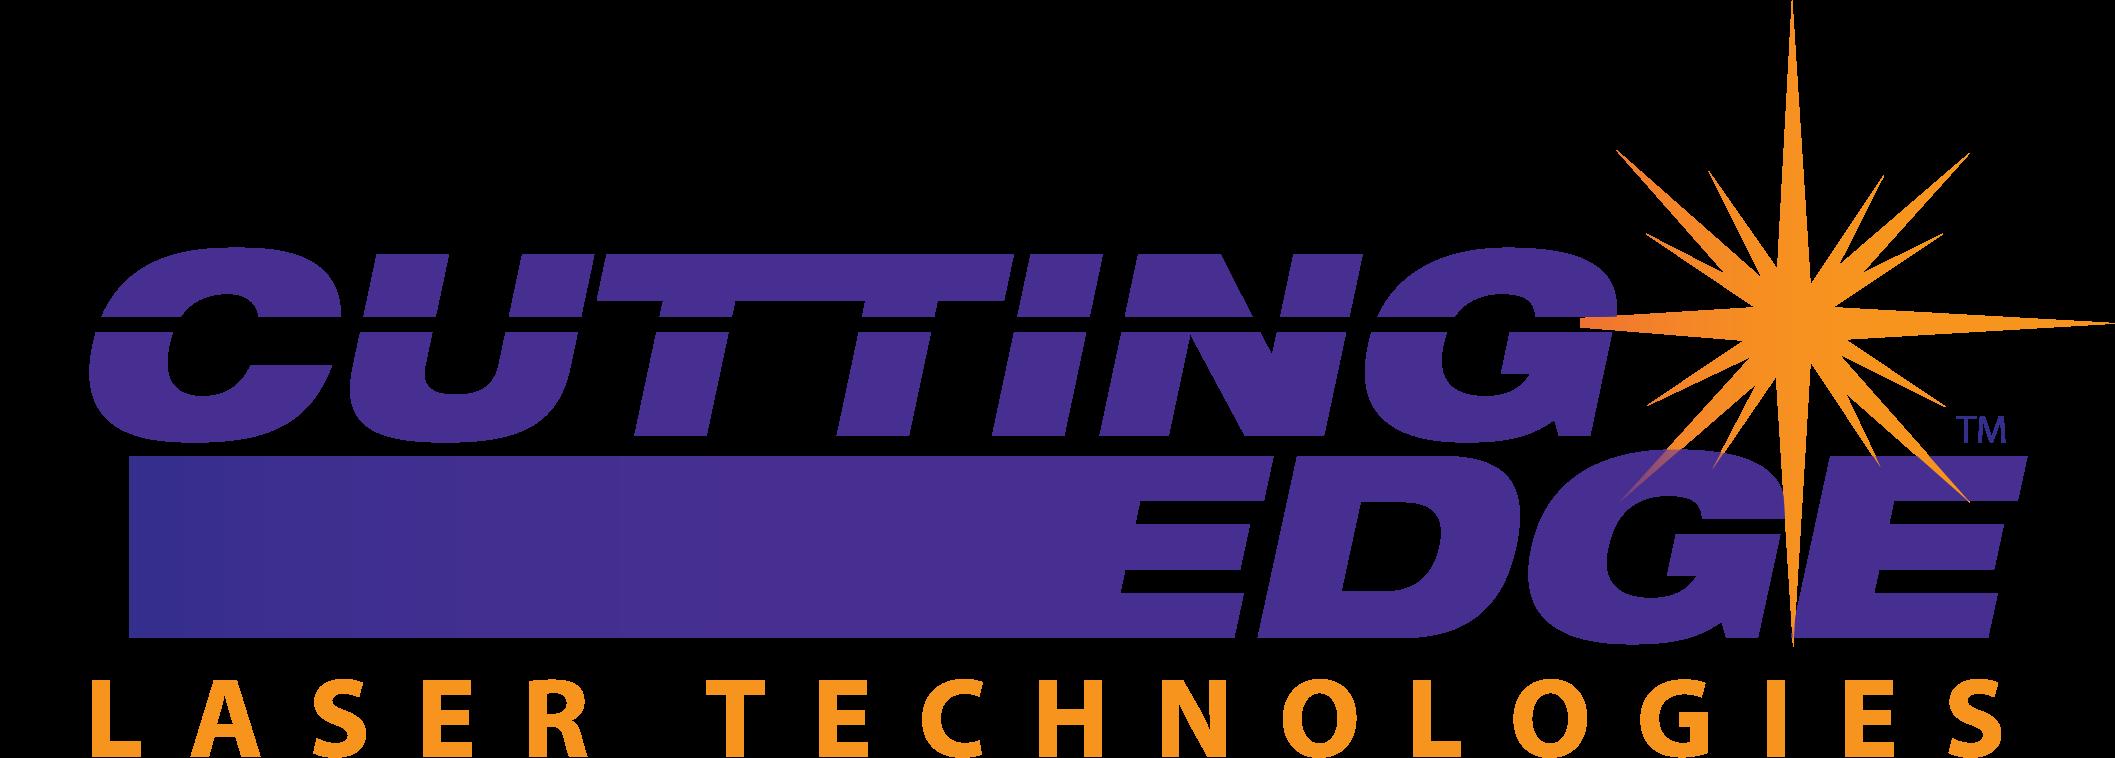 celt-logo